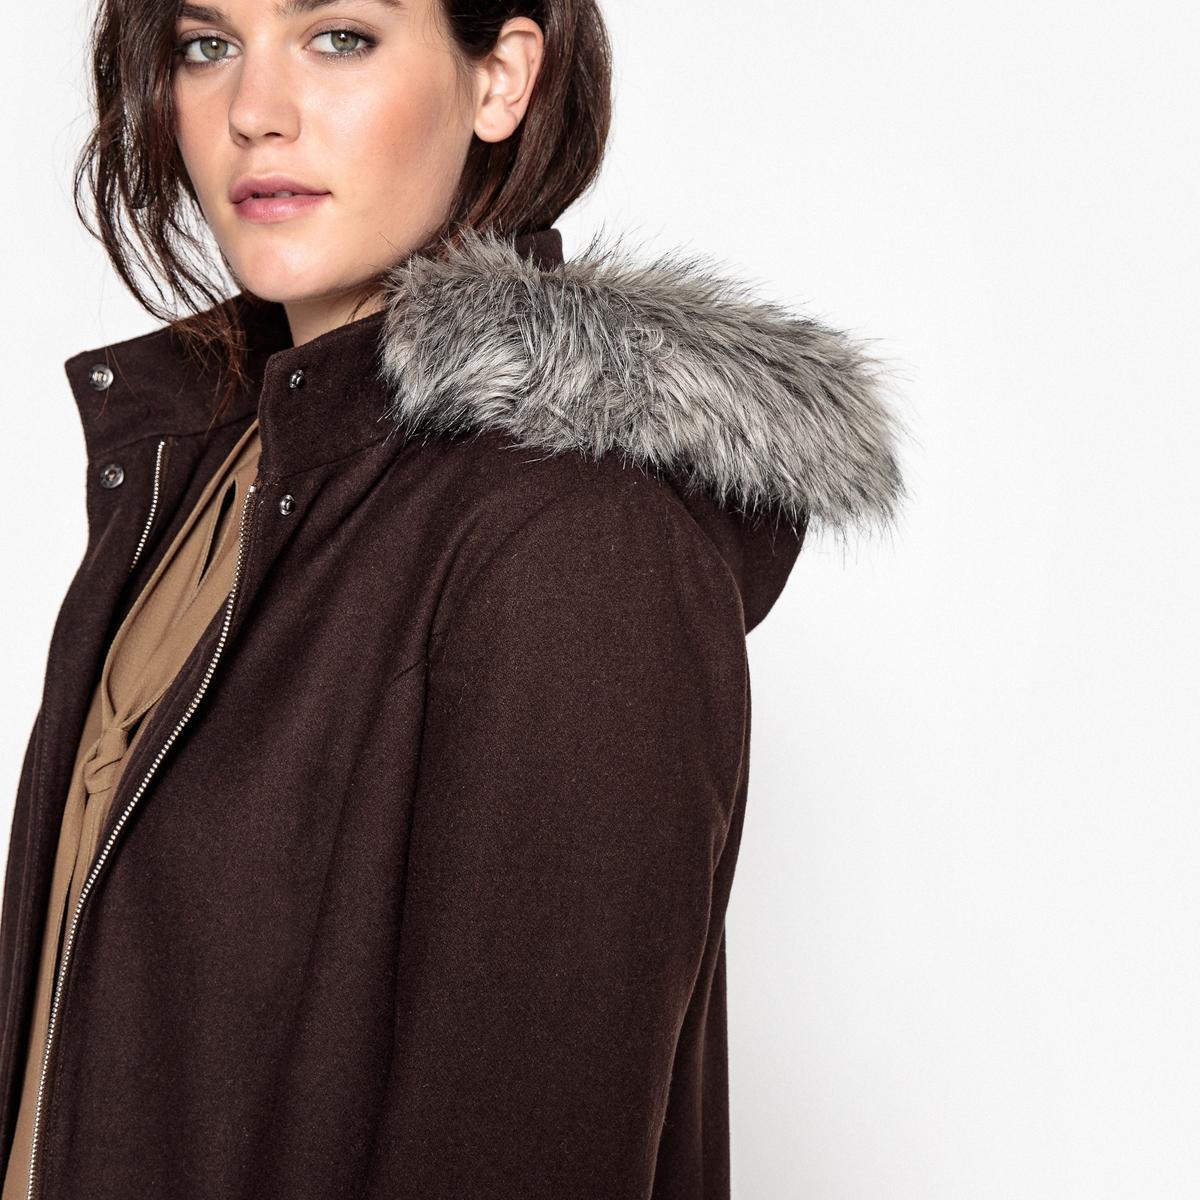 Пальто с капюшономВам захочется закутаться в это длинное пальто с капюшоном, которое защитит вас в любую непогоду. Пальто с капюшоном из шерстяного драпа незаменимо в вашем гардеробе.Детали •  Длина : удлиненная модель •  Капюшон  • Застежка на пуговицы •  С капюшоном Состав и уход •  60% шерсти, 1% полиамида, 39% полиэстера •  Подкладка  : 100% полиэстер • Не стирать • Низкая температура глажки / не отбеливать   •  Не использовать барабанную сушку •  Деликатная сухая чисткаТовар из коллекции больших размеров •  Супатная застежка на молнию и кнопки •  2 кармана с клапанами •  Капюшон с опушкой из искусственного меха.<br><br>Цвет: серый меланж,шоколадный